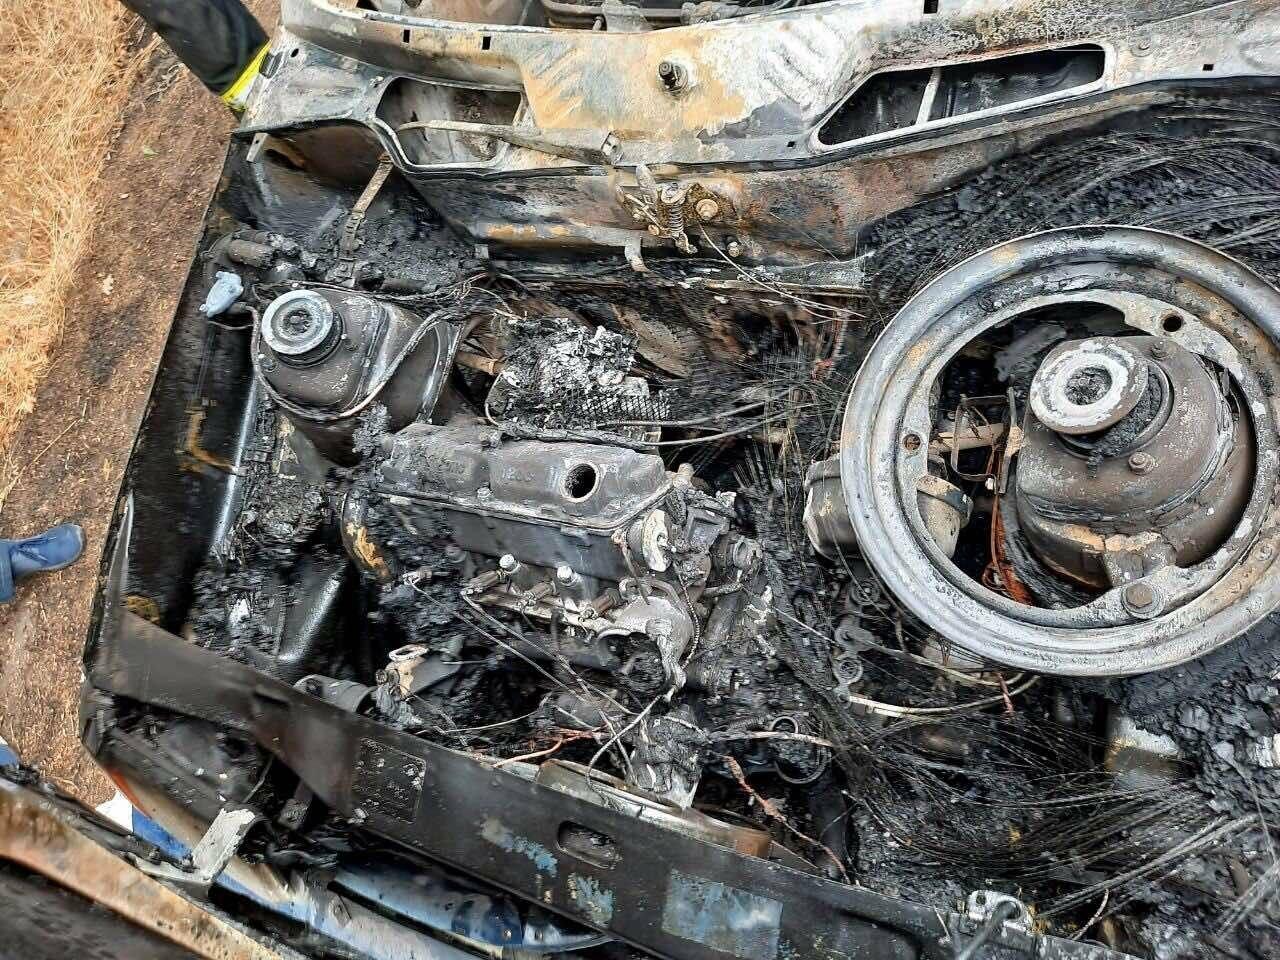 В Покровском районе во время движения загорелся автомобиль, фото-3